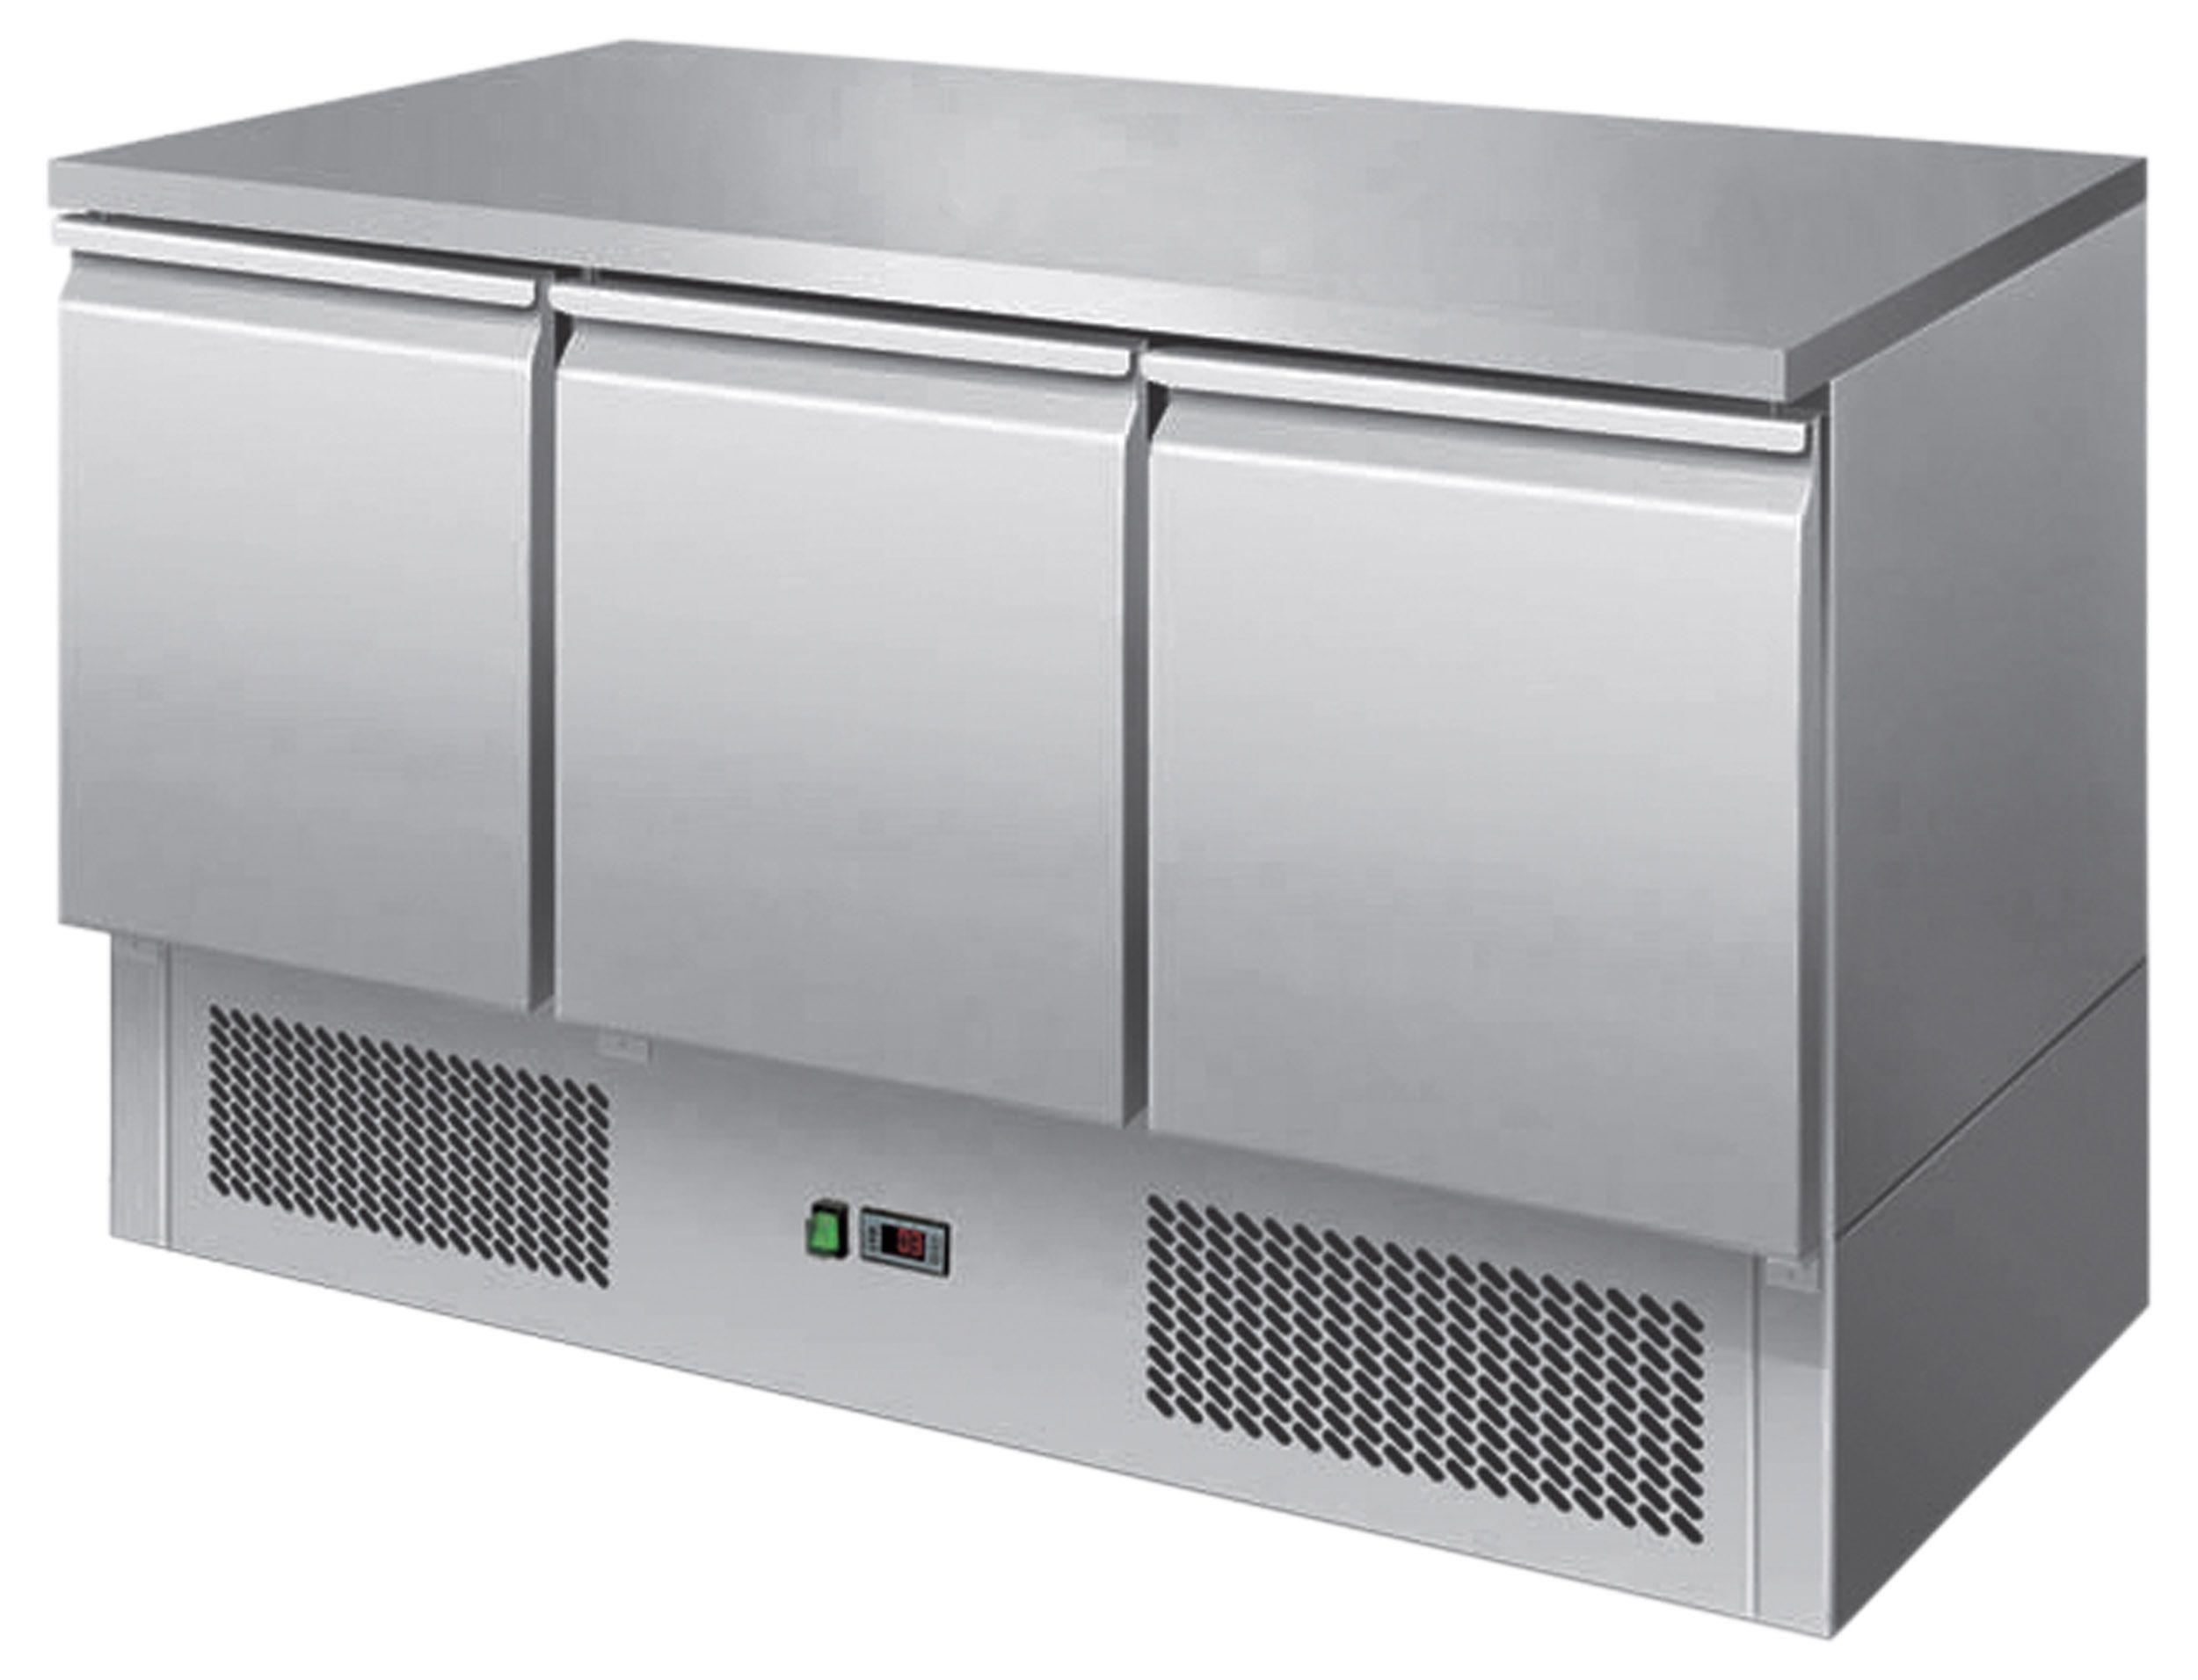 Interlevin ESL1365 Gastronorm Counter | Cupboard, Kitchen equipment ...